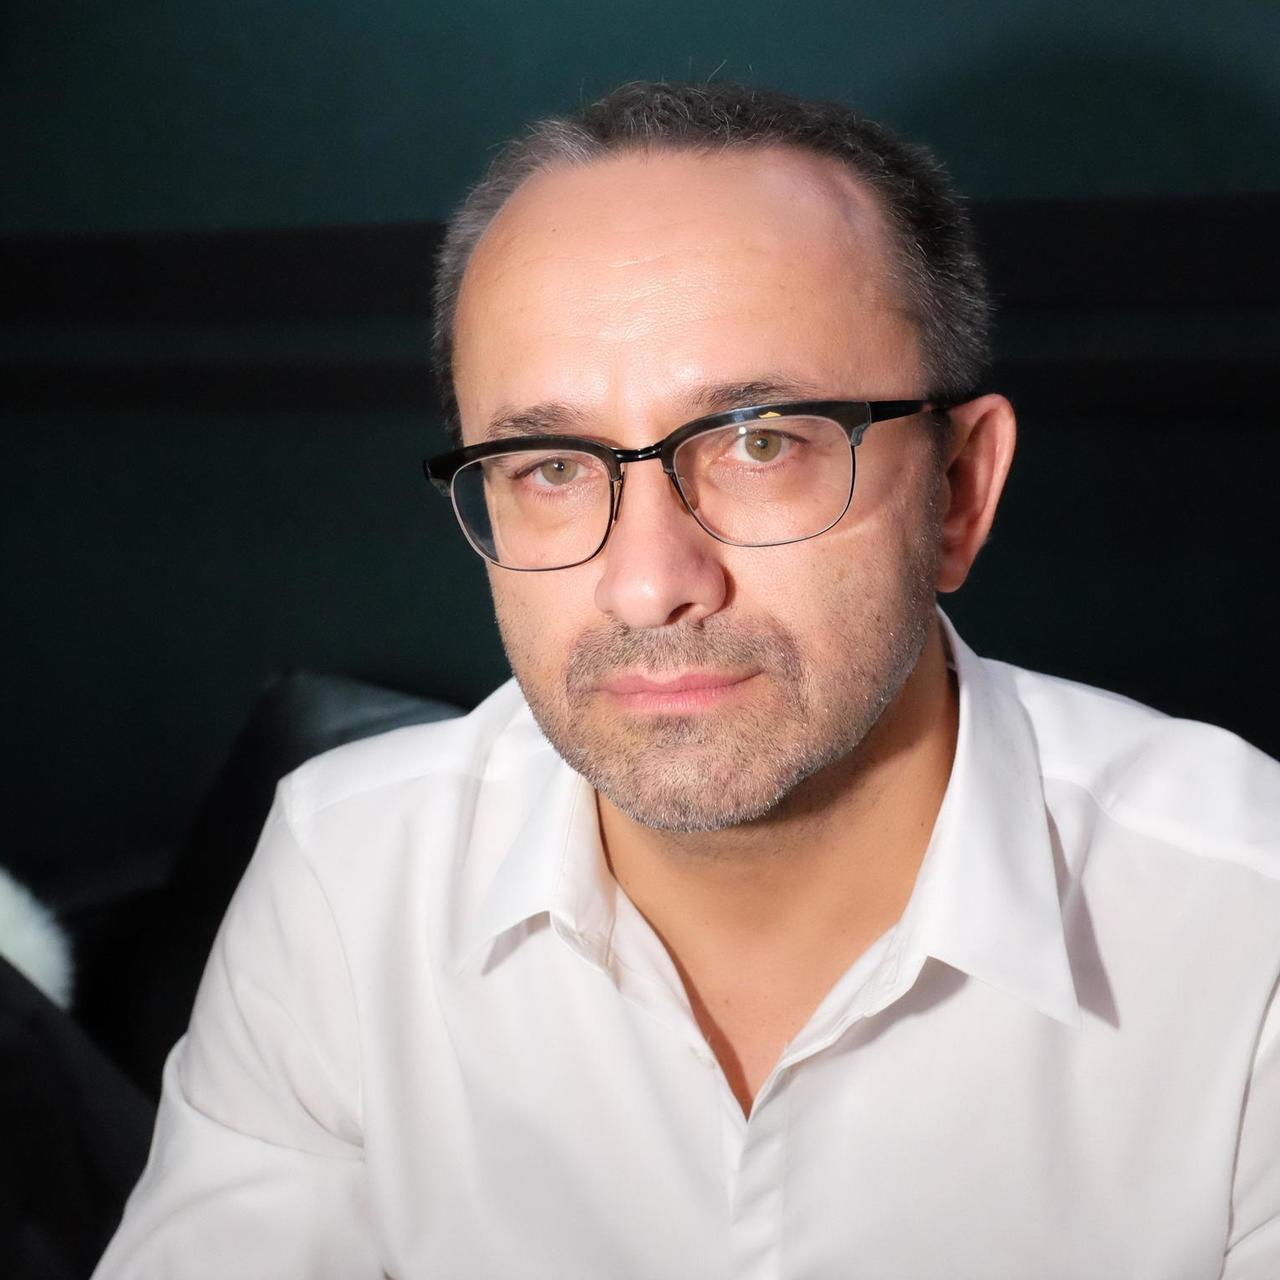 Режиссера Андрея Звягинцева ввели в искусственную кому после тяжелой формы коронавируса - фото №2